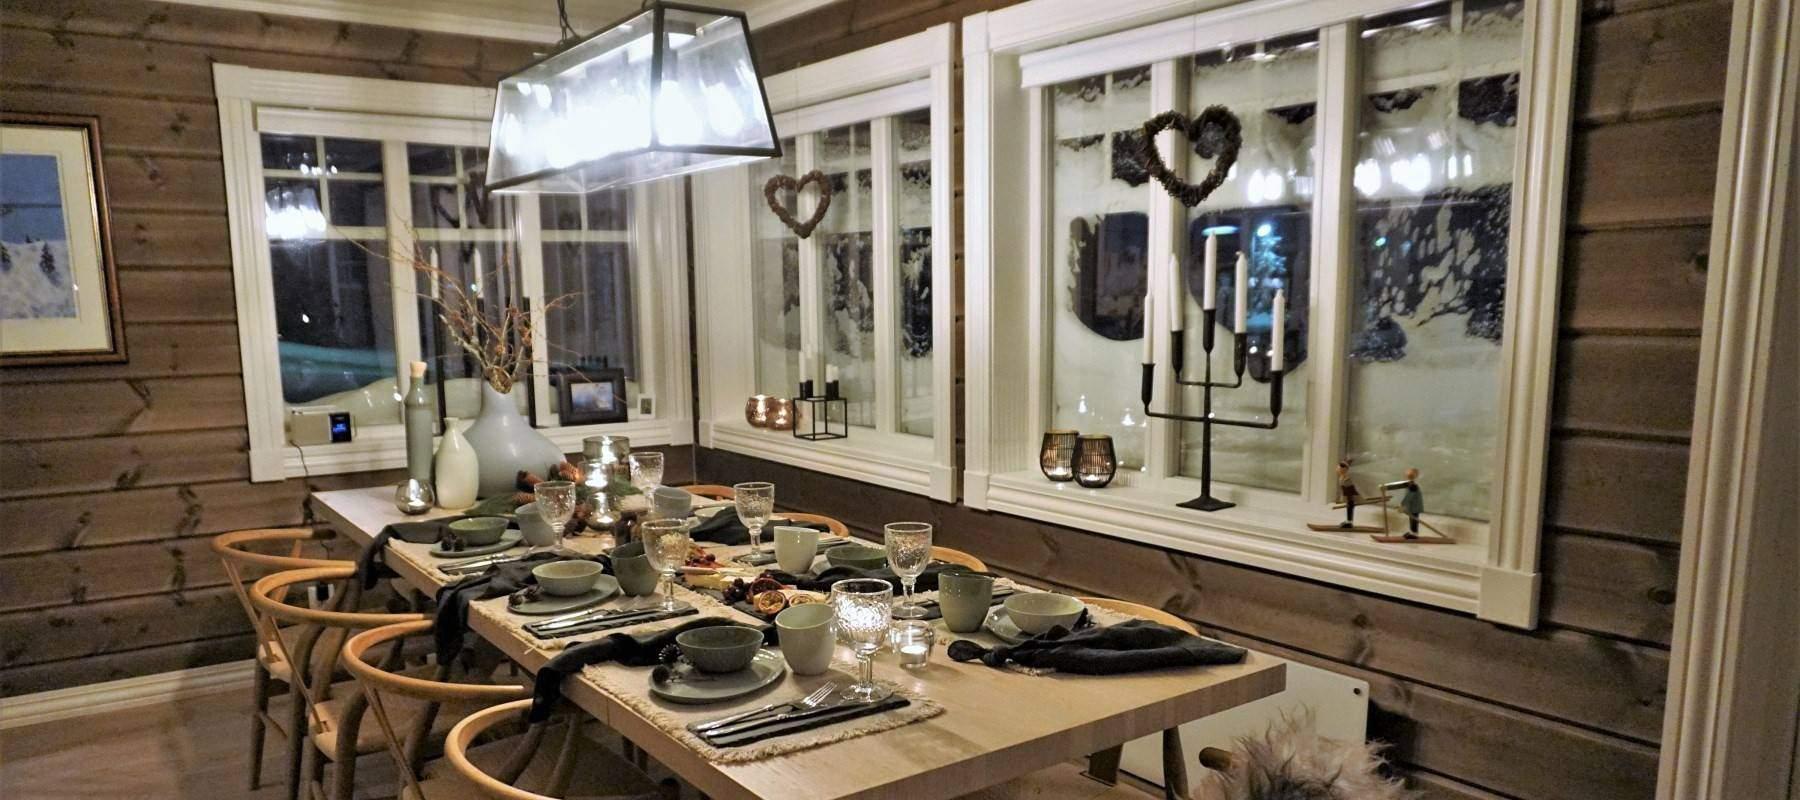 31 Hytteleverandor – Tiurtoppen Hytter Inspirasjon hytte pa Gålå